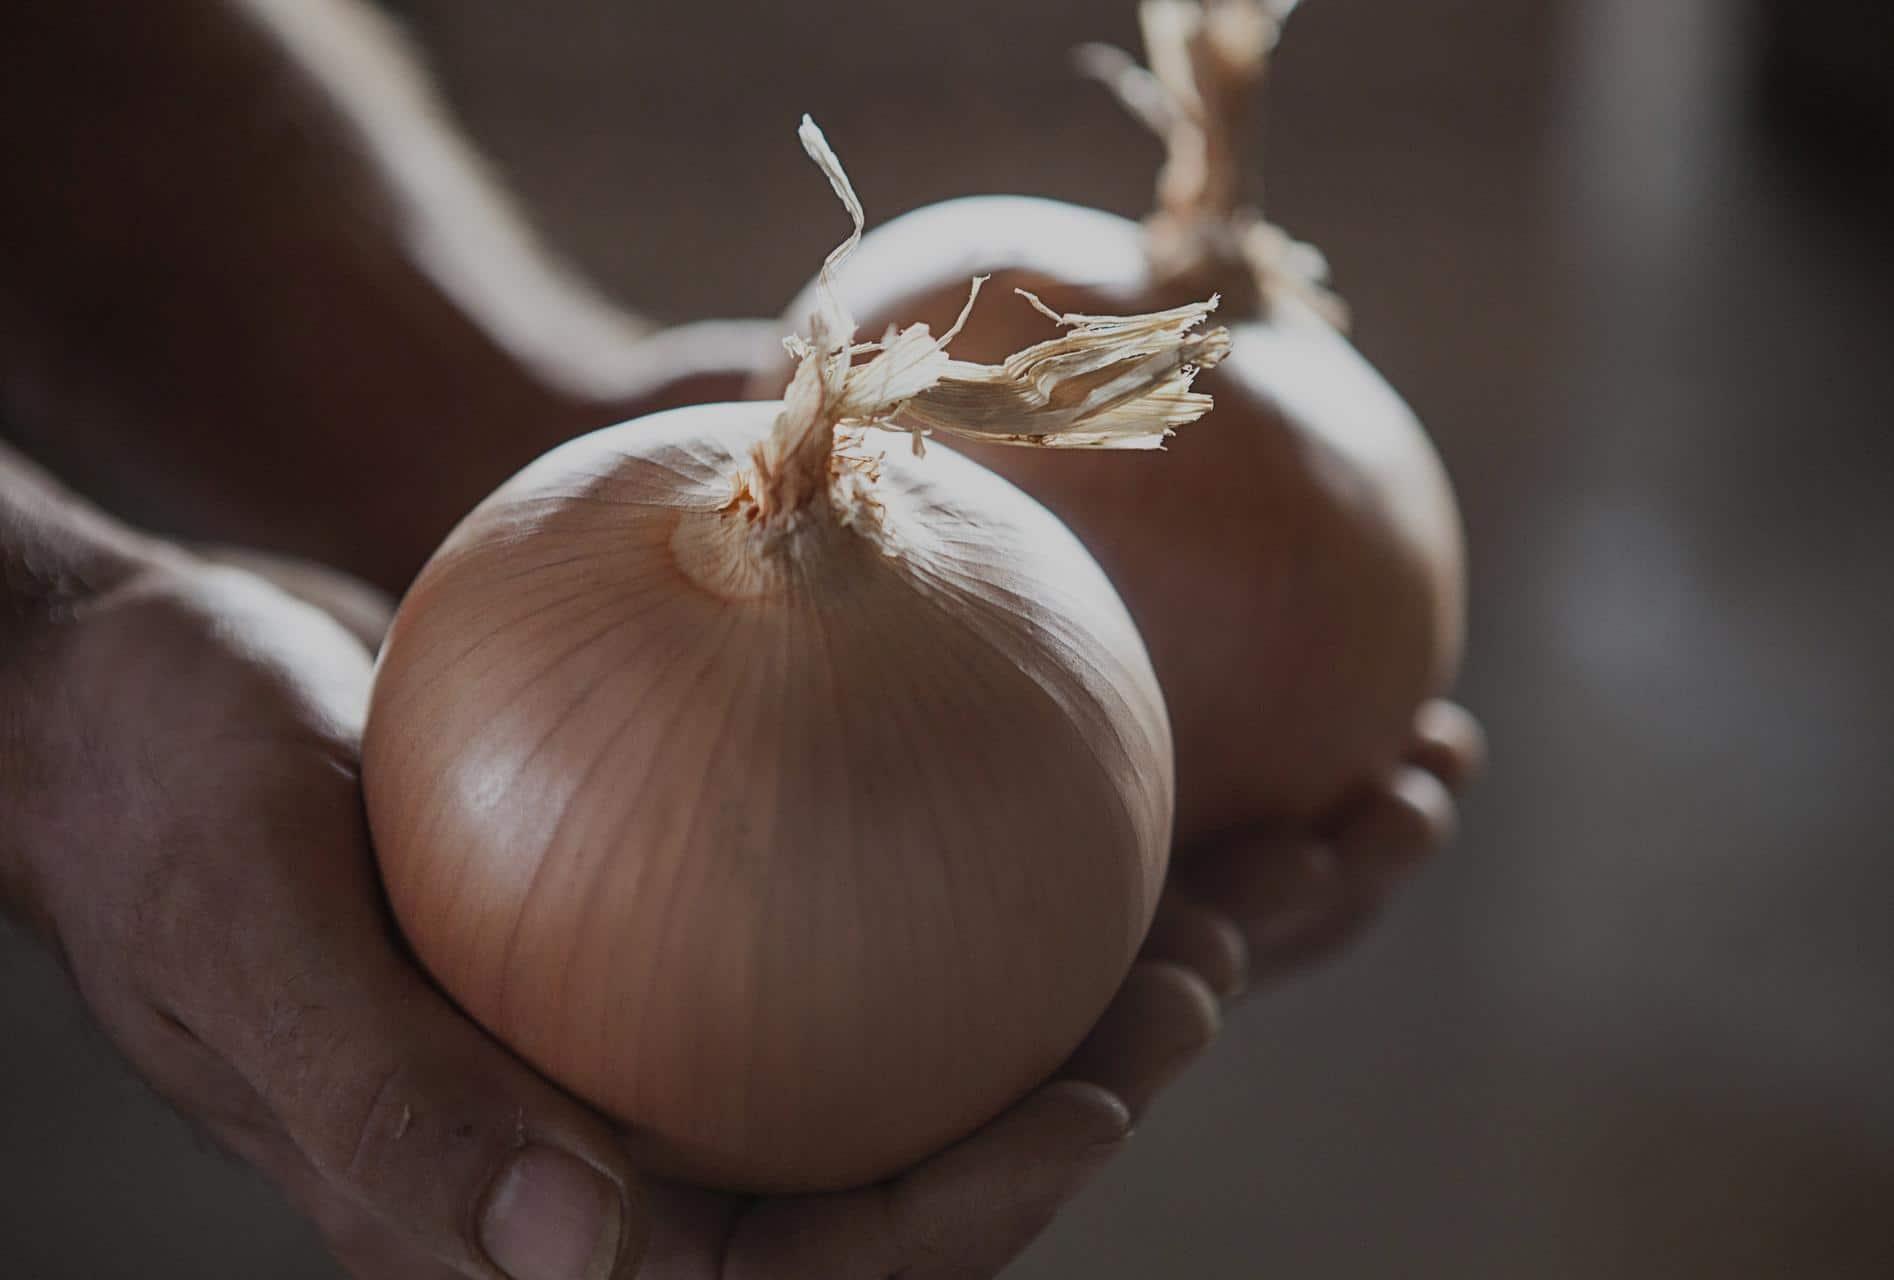 cebollas-marchite-producto-ecologico